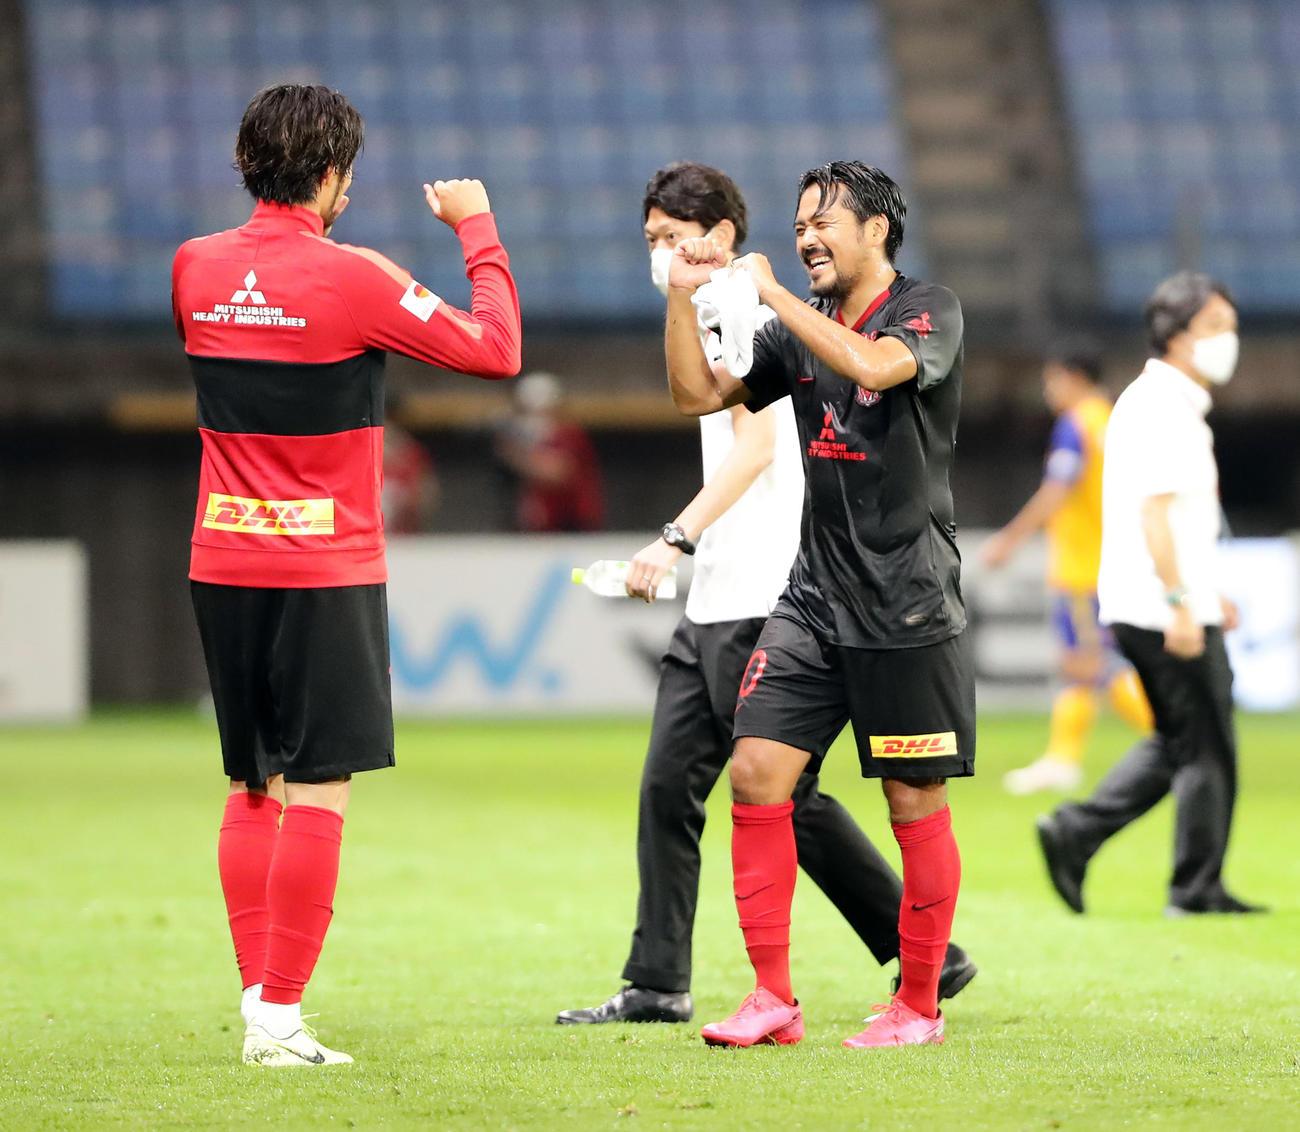 仙台対浦和 2-1で勝利を決めた瞬間、後半、勝ち越しゴールを決めた浦和FW興梠(右)は笑顔を弾けさせてイレブンとガッツポーズで喜ぶ(撮影・浅見桂子)